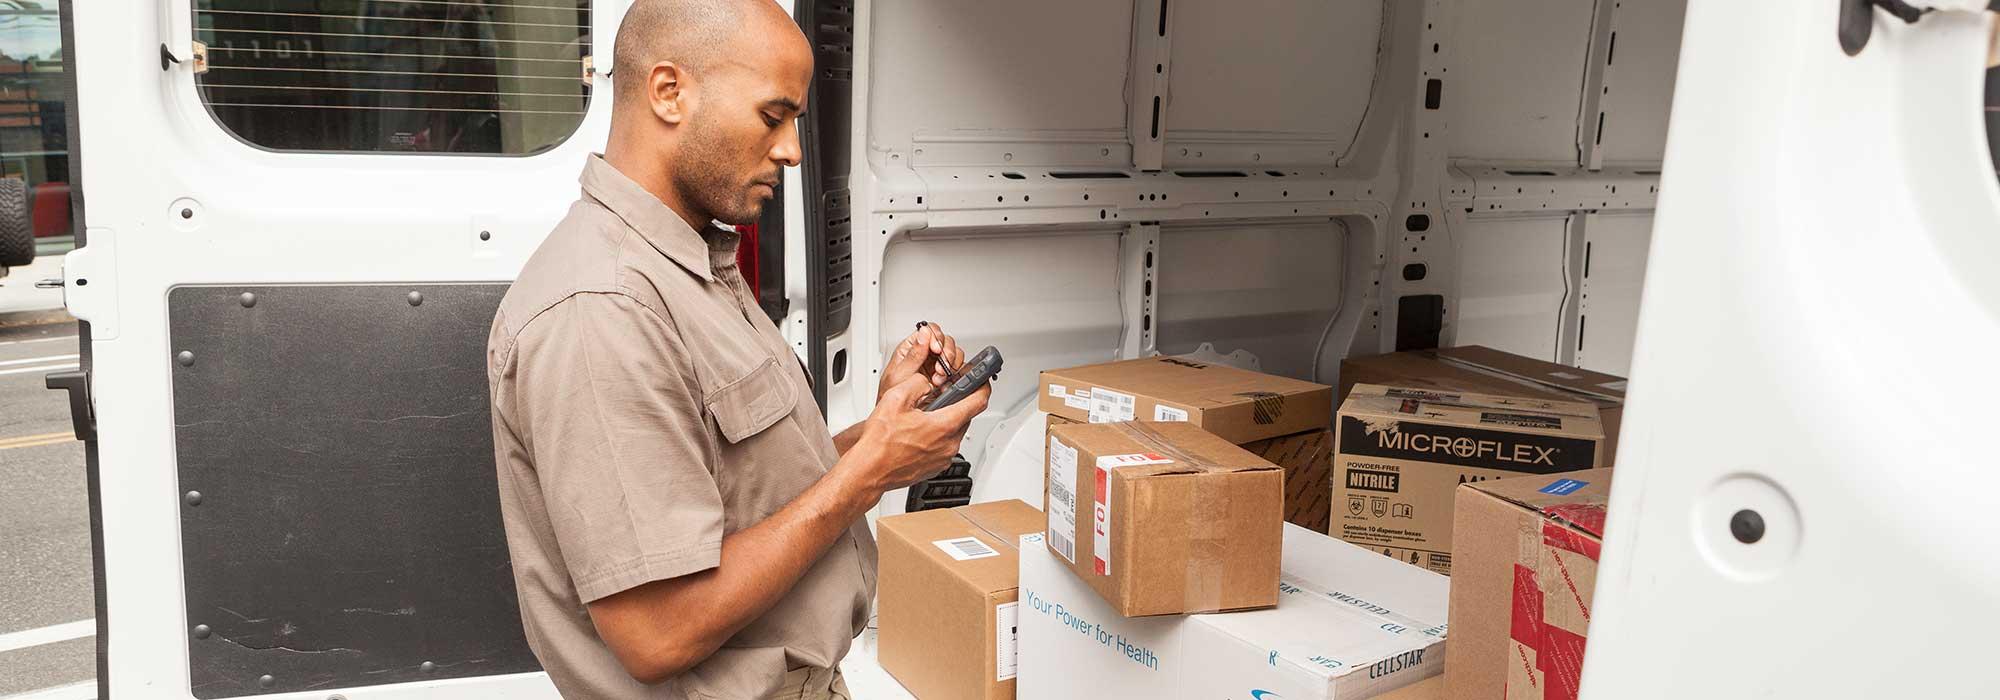 En mann som taster på en telefon stående ved en varebil